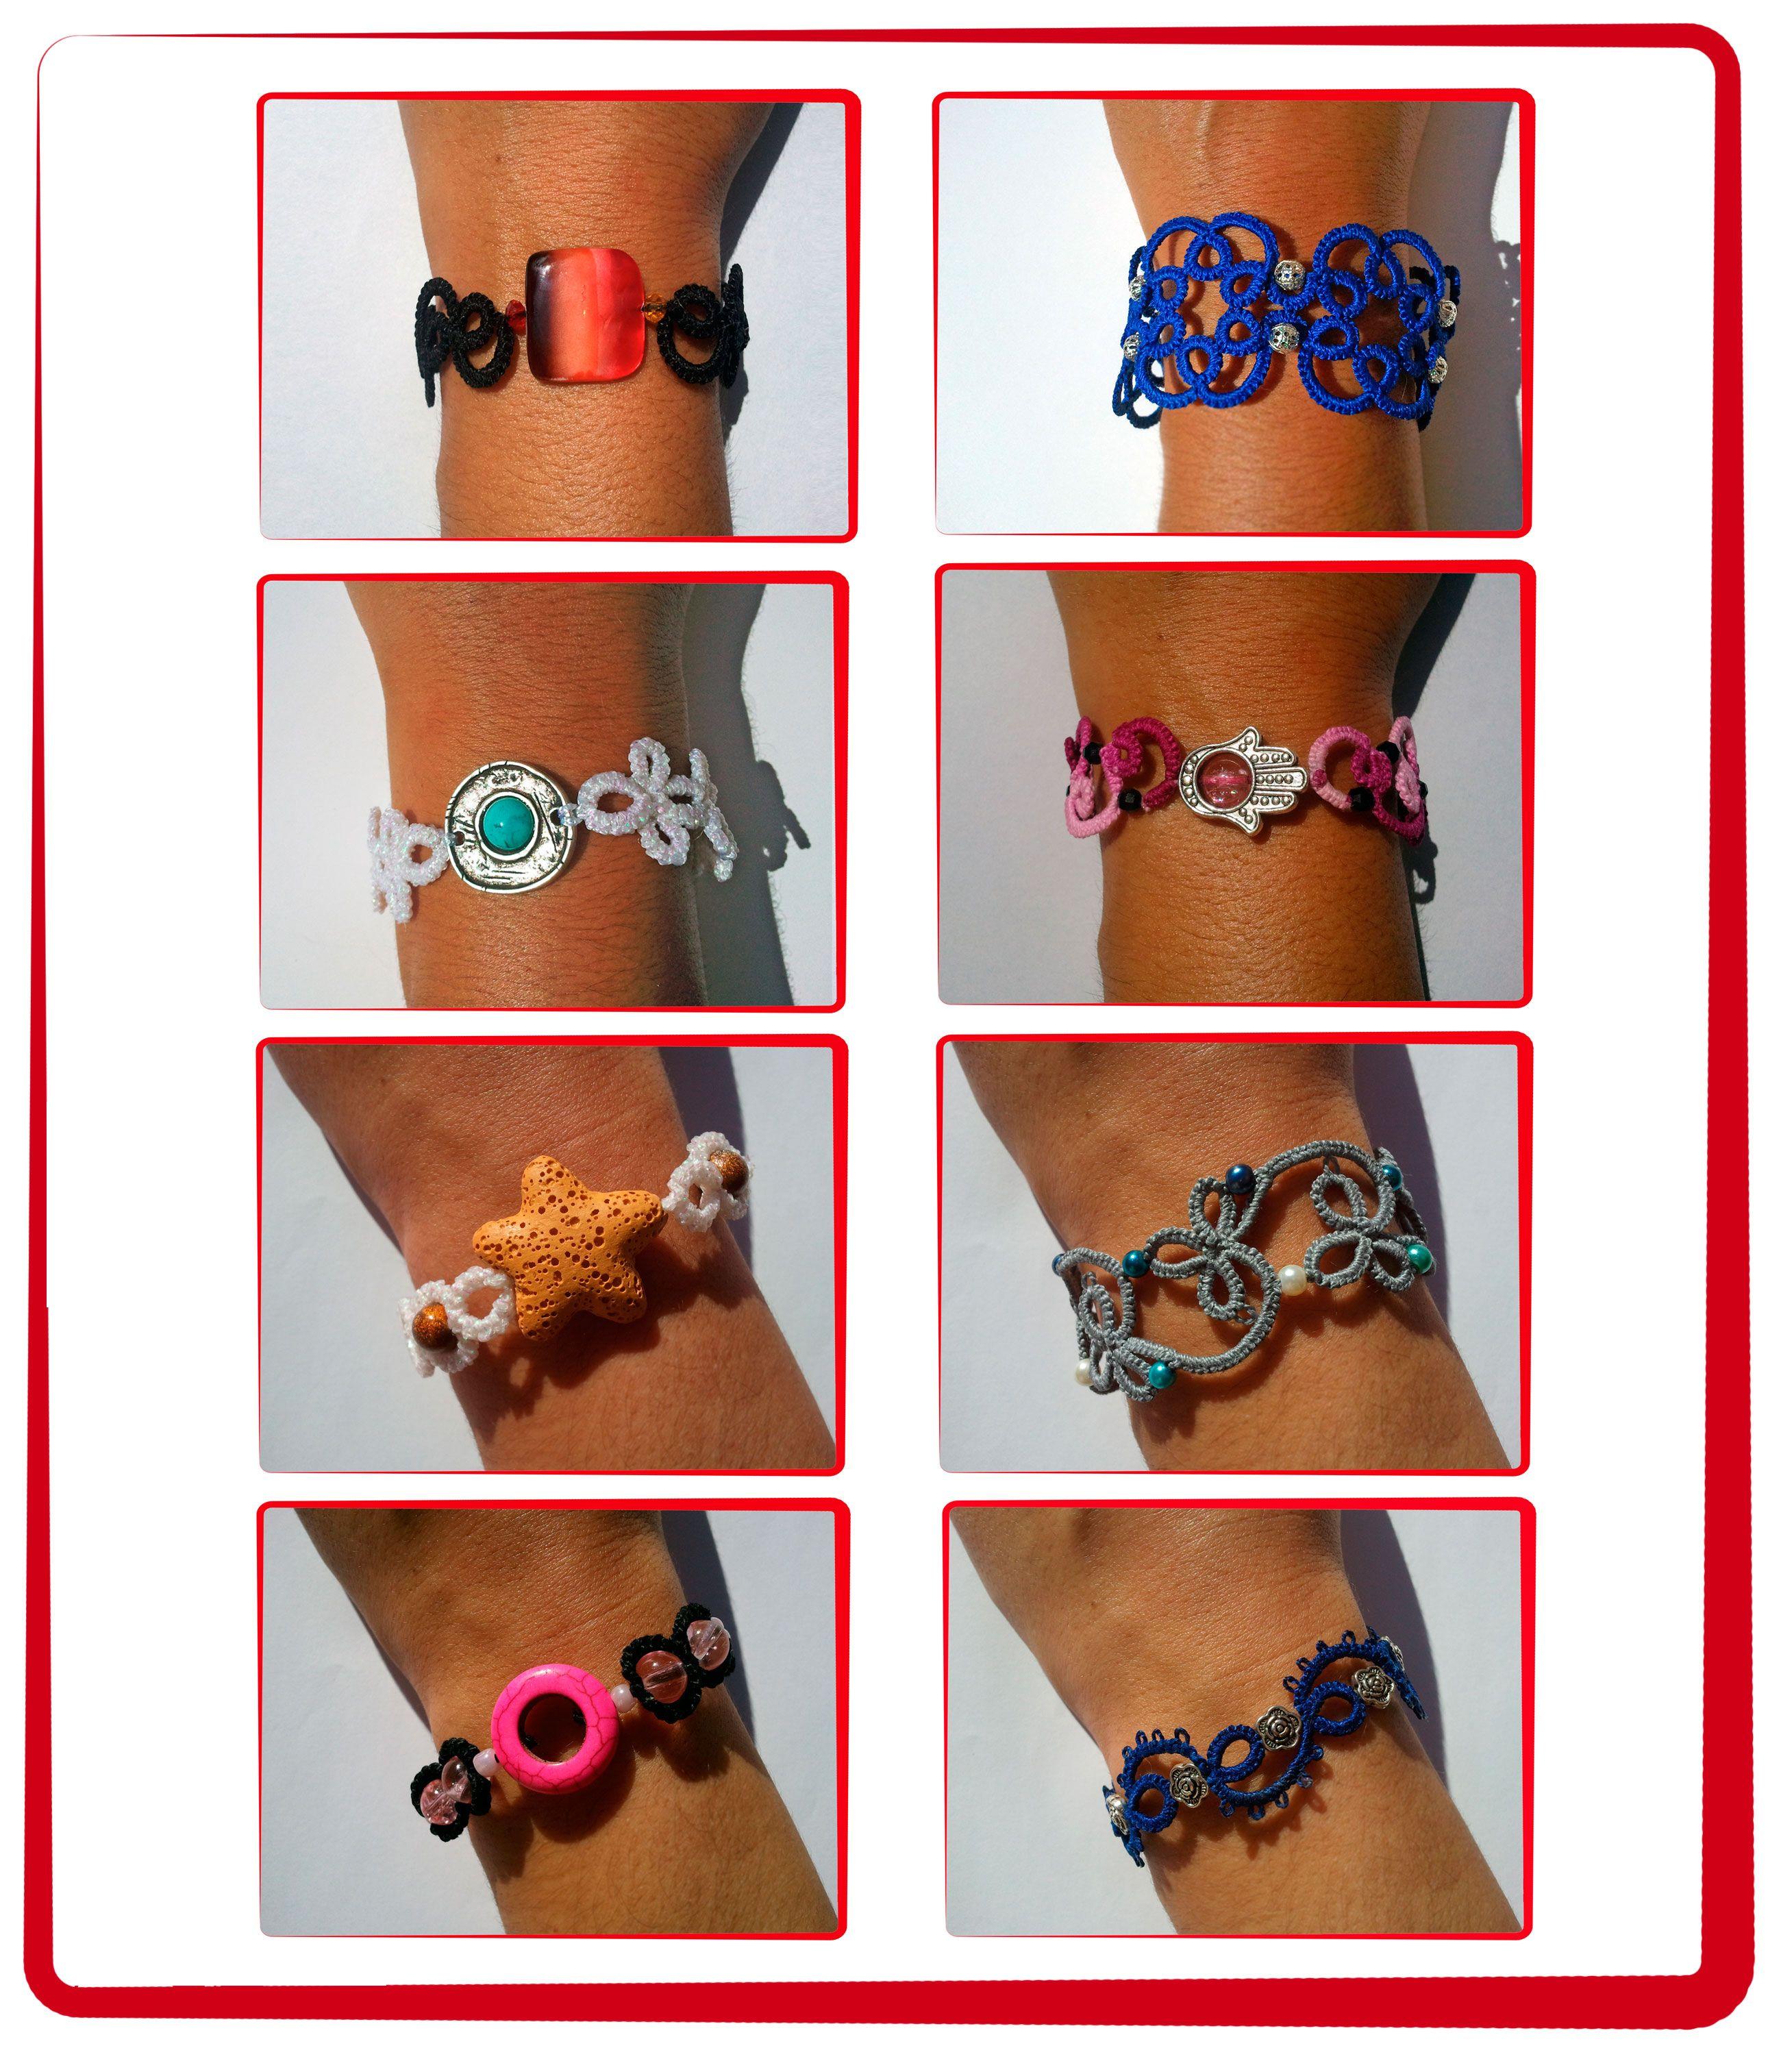 e90350424b76 Varios modelos de pulseras hechas con abalorios y la técnica frivolité.  Abalorios